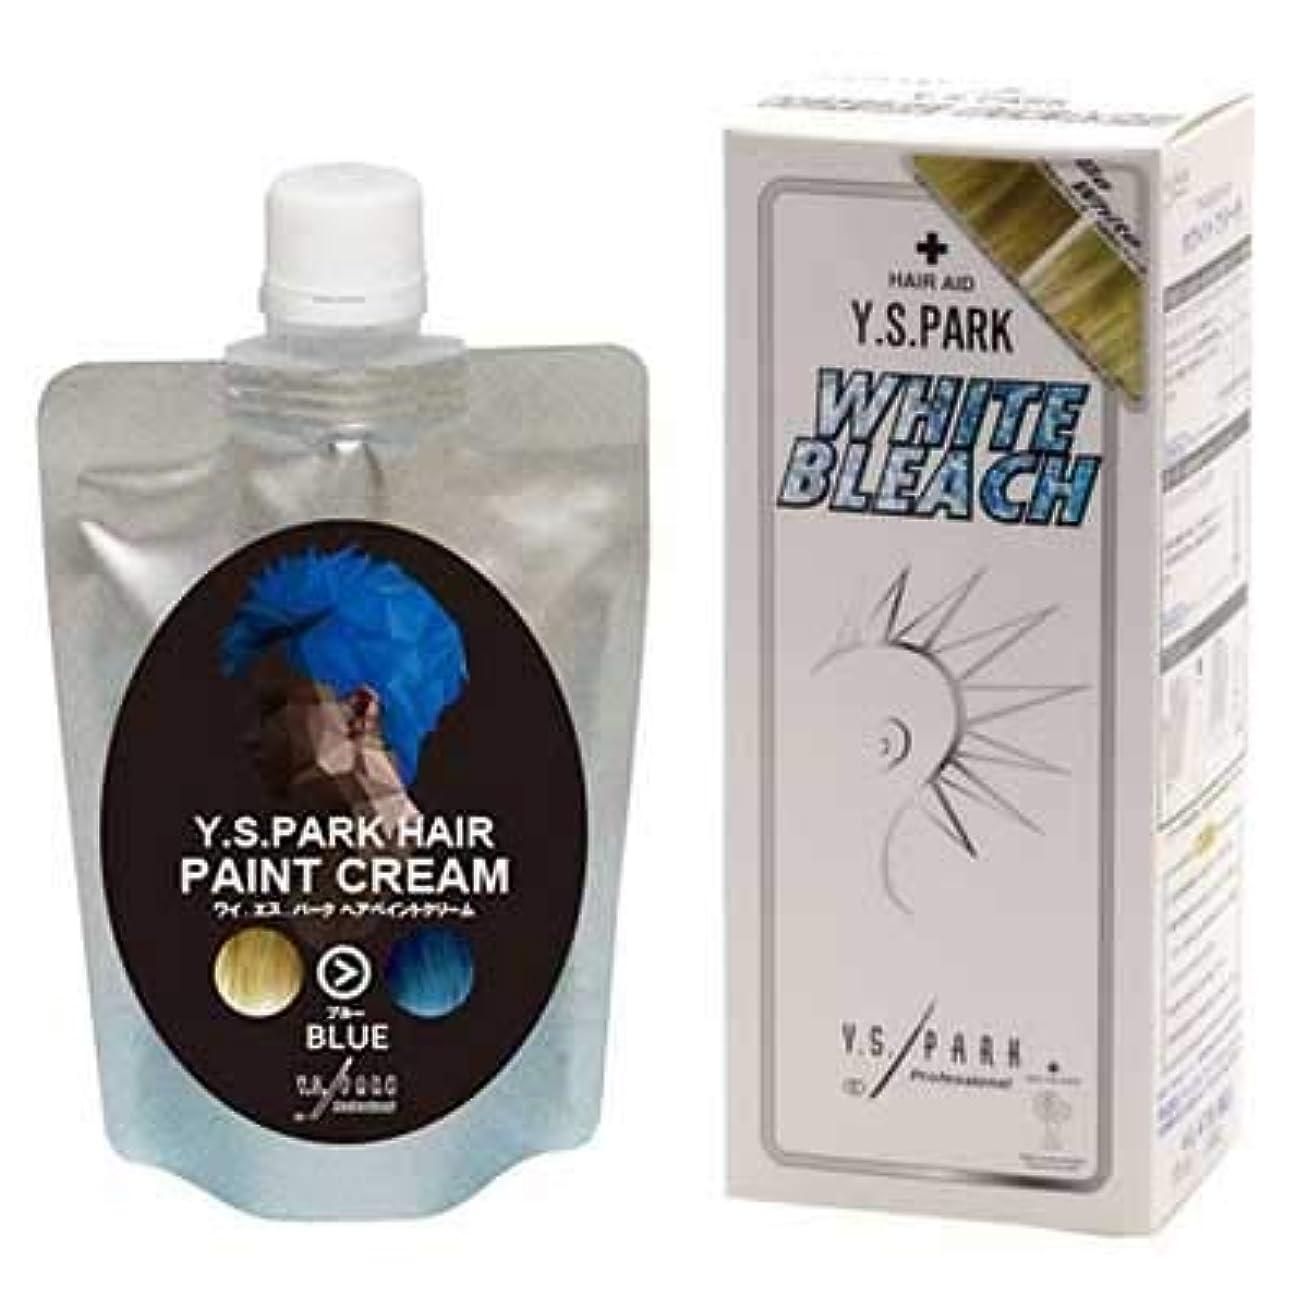 分法王人差し指Y.S.PARKヘアペイントクリーム ブルー 200g & Y.S.PARKホワイトブリーチセット